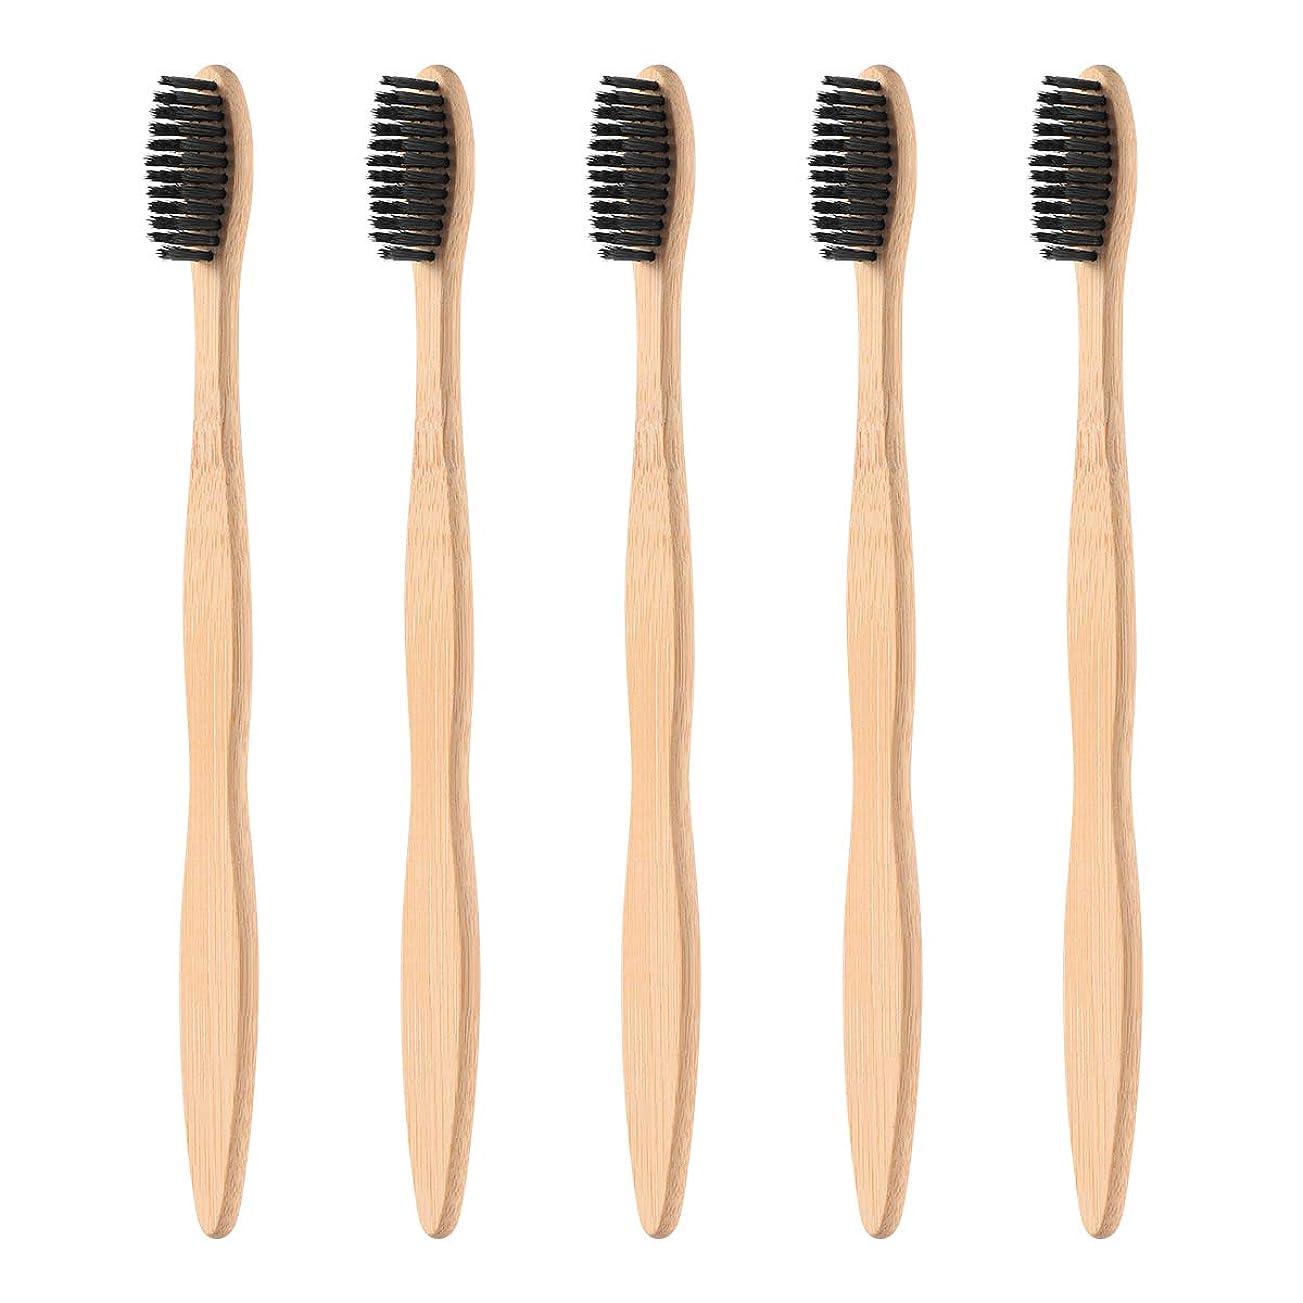 シャッターブース資源SUPVOX 5本の天然竹製の歯ブラシ木製エコフレンドリーな歯ブラシで黒く柔らかい剛毛